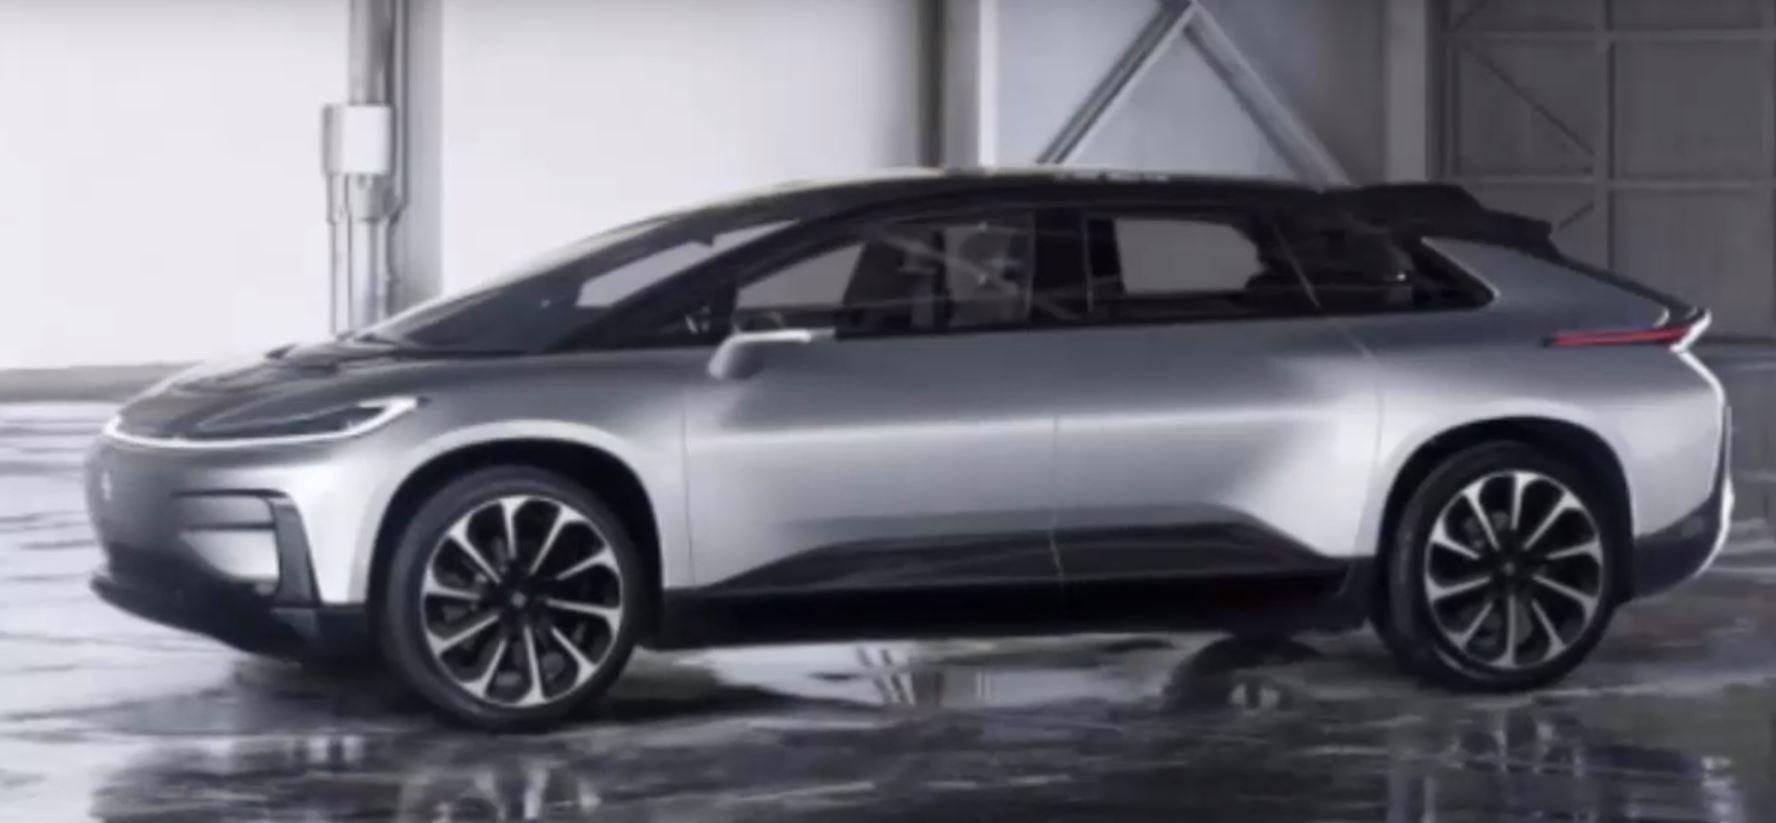 Масштабное производство электромобилей требует надежных и дешевых тяговых аккумуляторных батарей